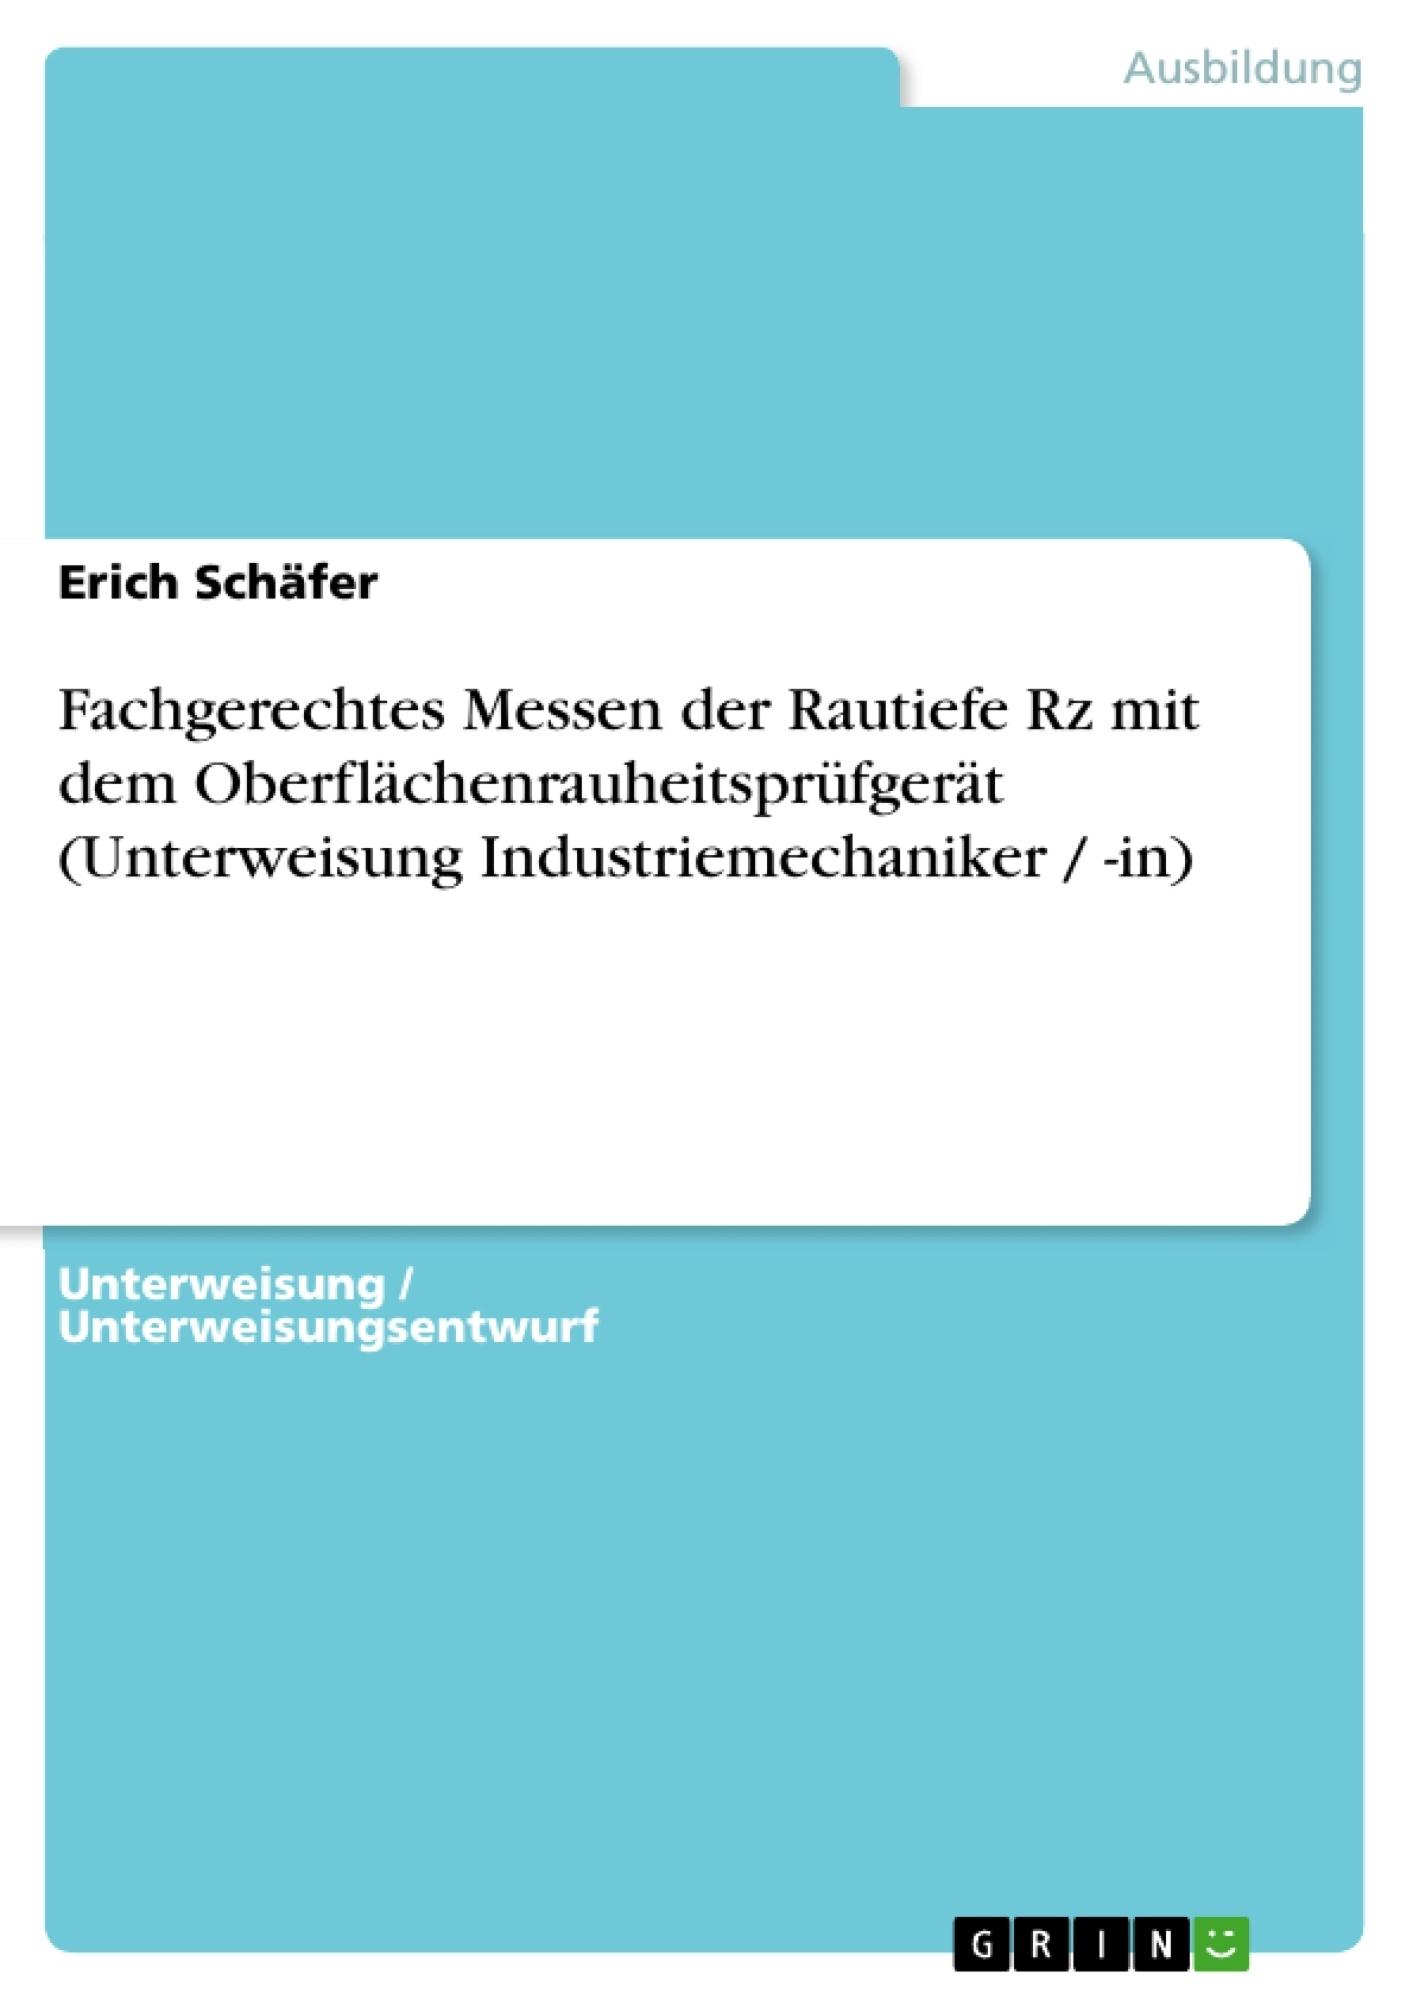 Titel: Fachgerechtes Messen der Rautiefe Rz mit dem Oberflächenrauheitsprüfgerät (Unterweisung Industriemechaniker / -in)